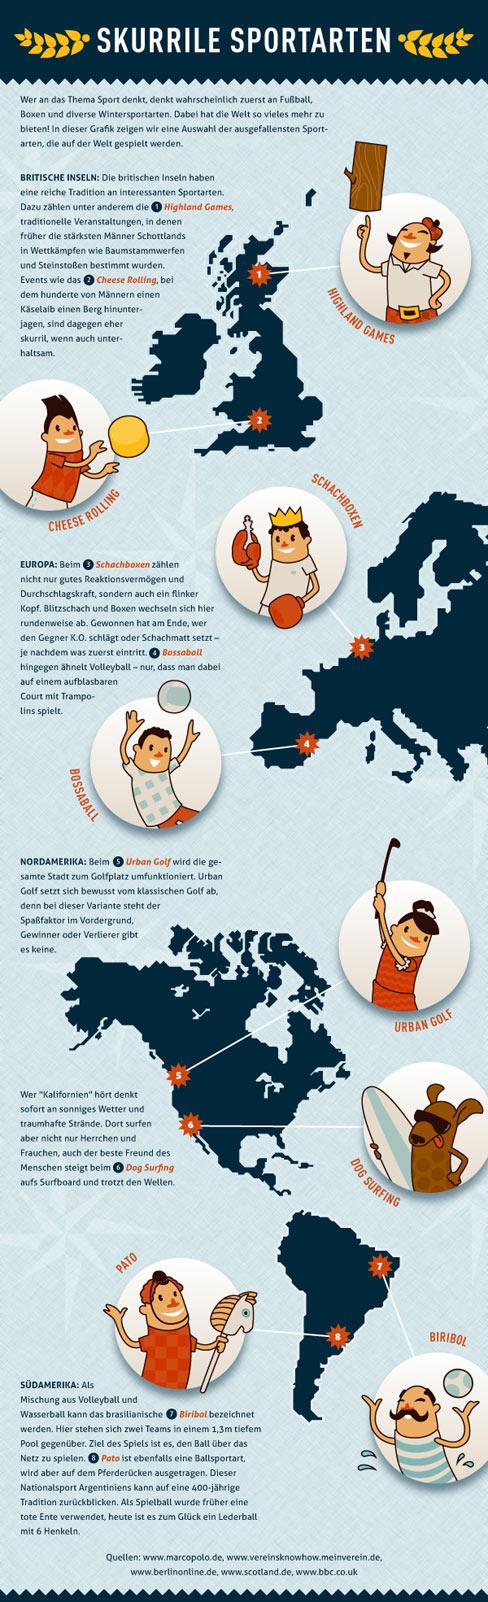 Skurrile Sportarten weltweit